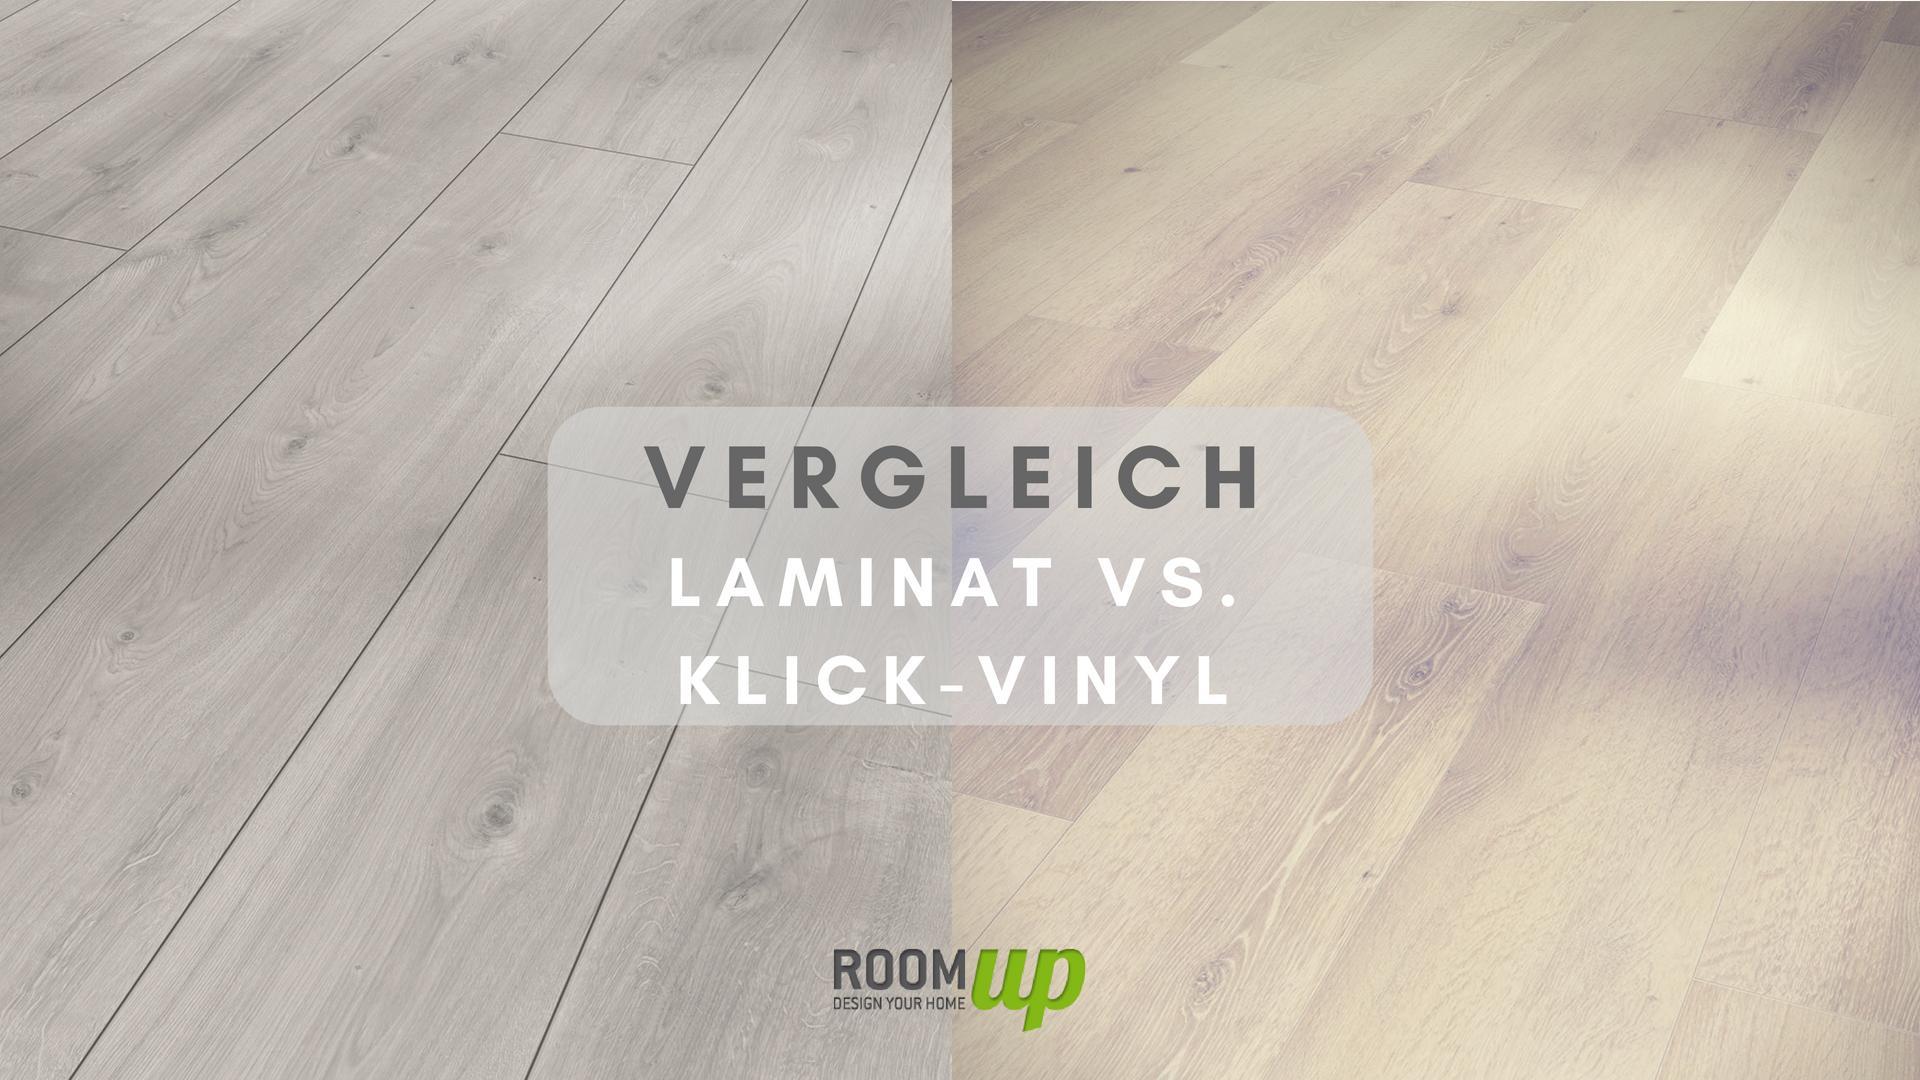 Full Size of Küchenboden Vinyl Vergleich Laminat Vs Klick Welcher Bodenbelag Ist Besser Küche Vinylboden Bad Fürs Wohnzimmer Badezimmer Im Verlegen Wohnzimmer Küchenboden Vinyl